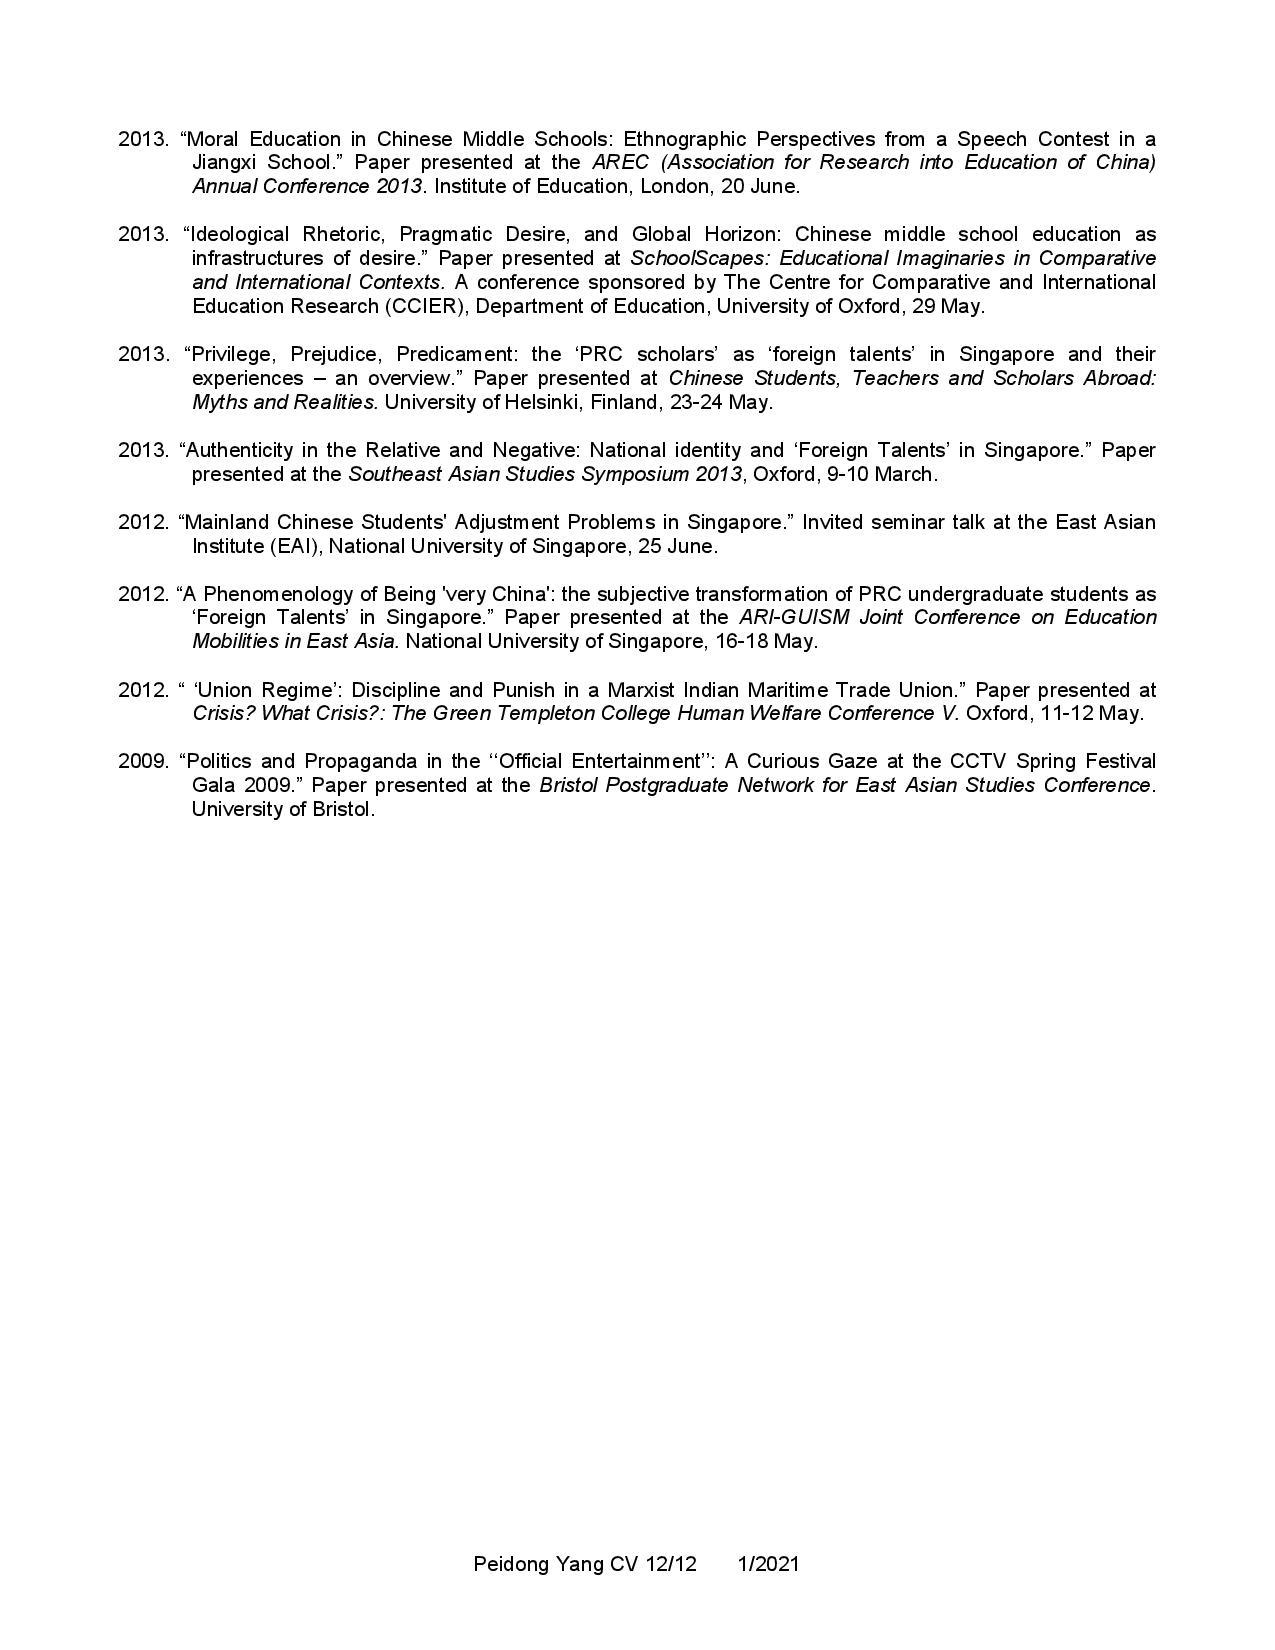 CV YANG Peidong_1.2021-page-012